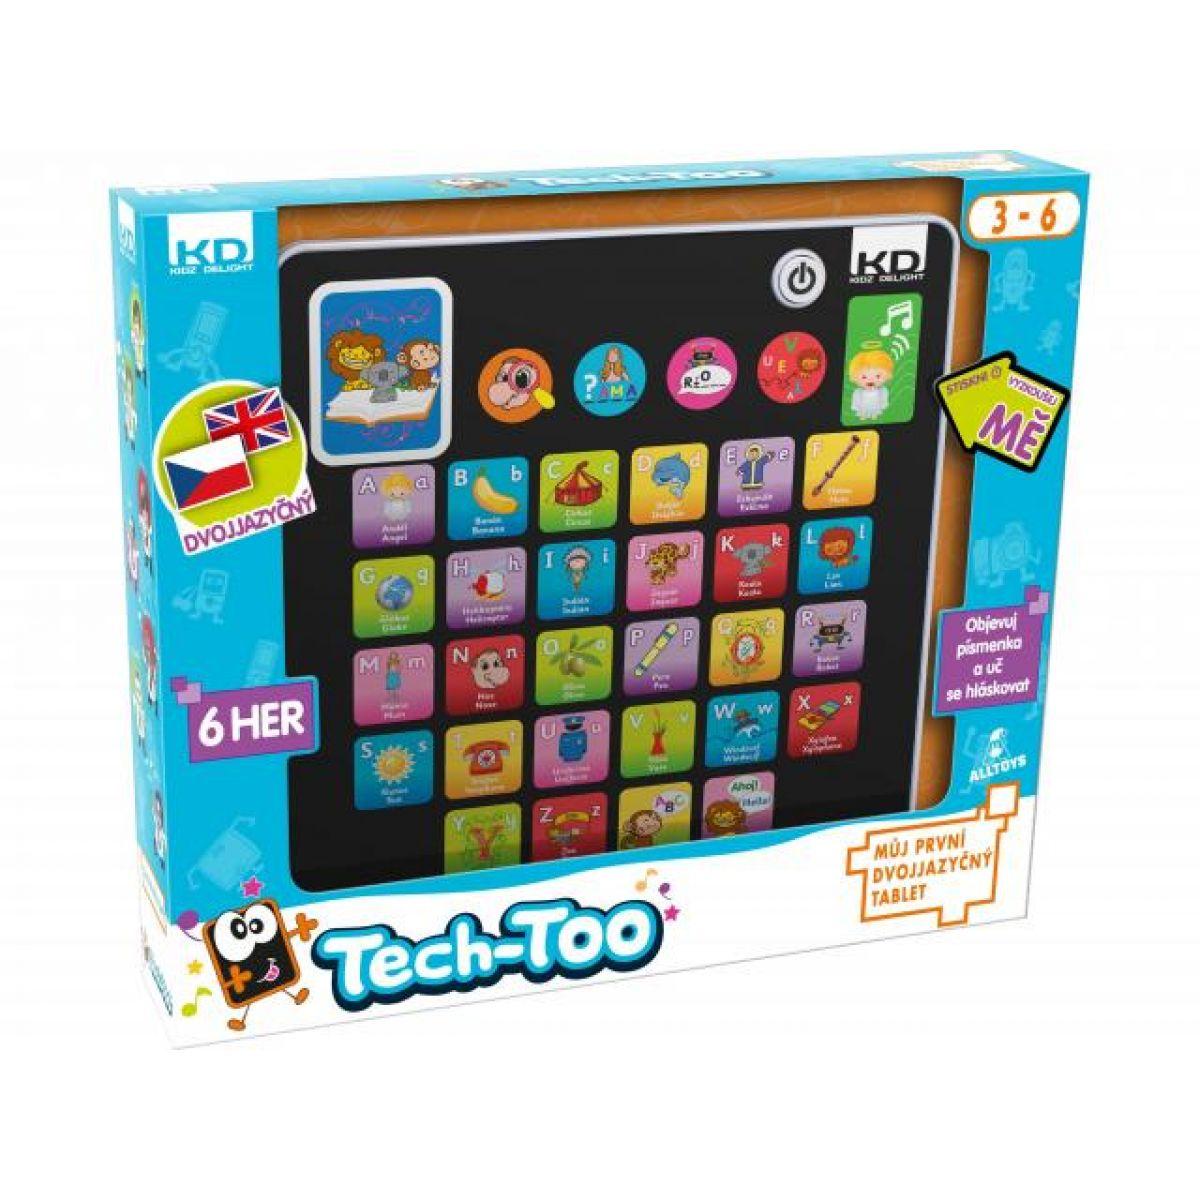 Tech-Too 400035 - Můj první dvojjazyčný tablet